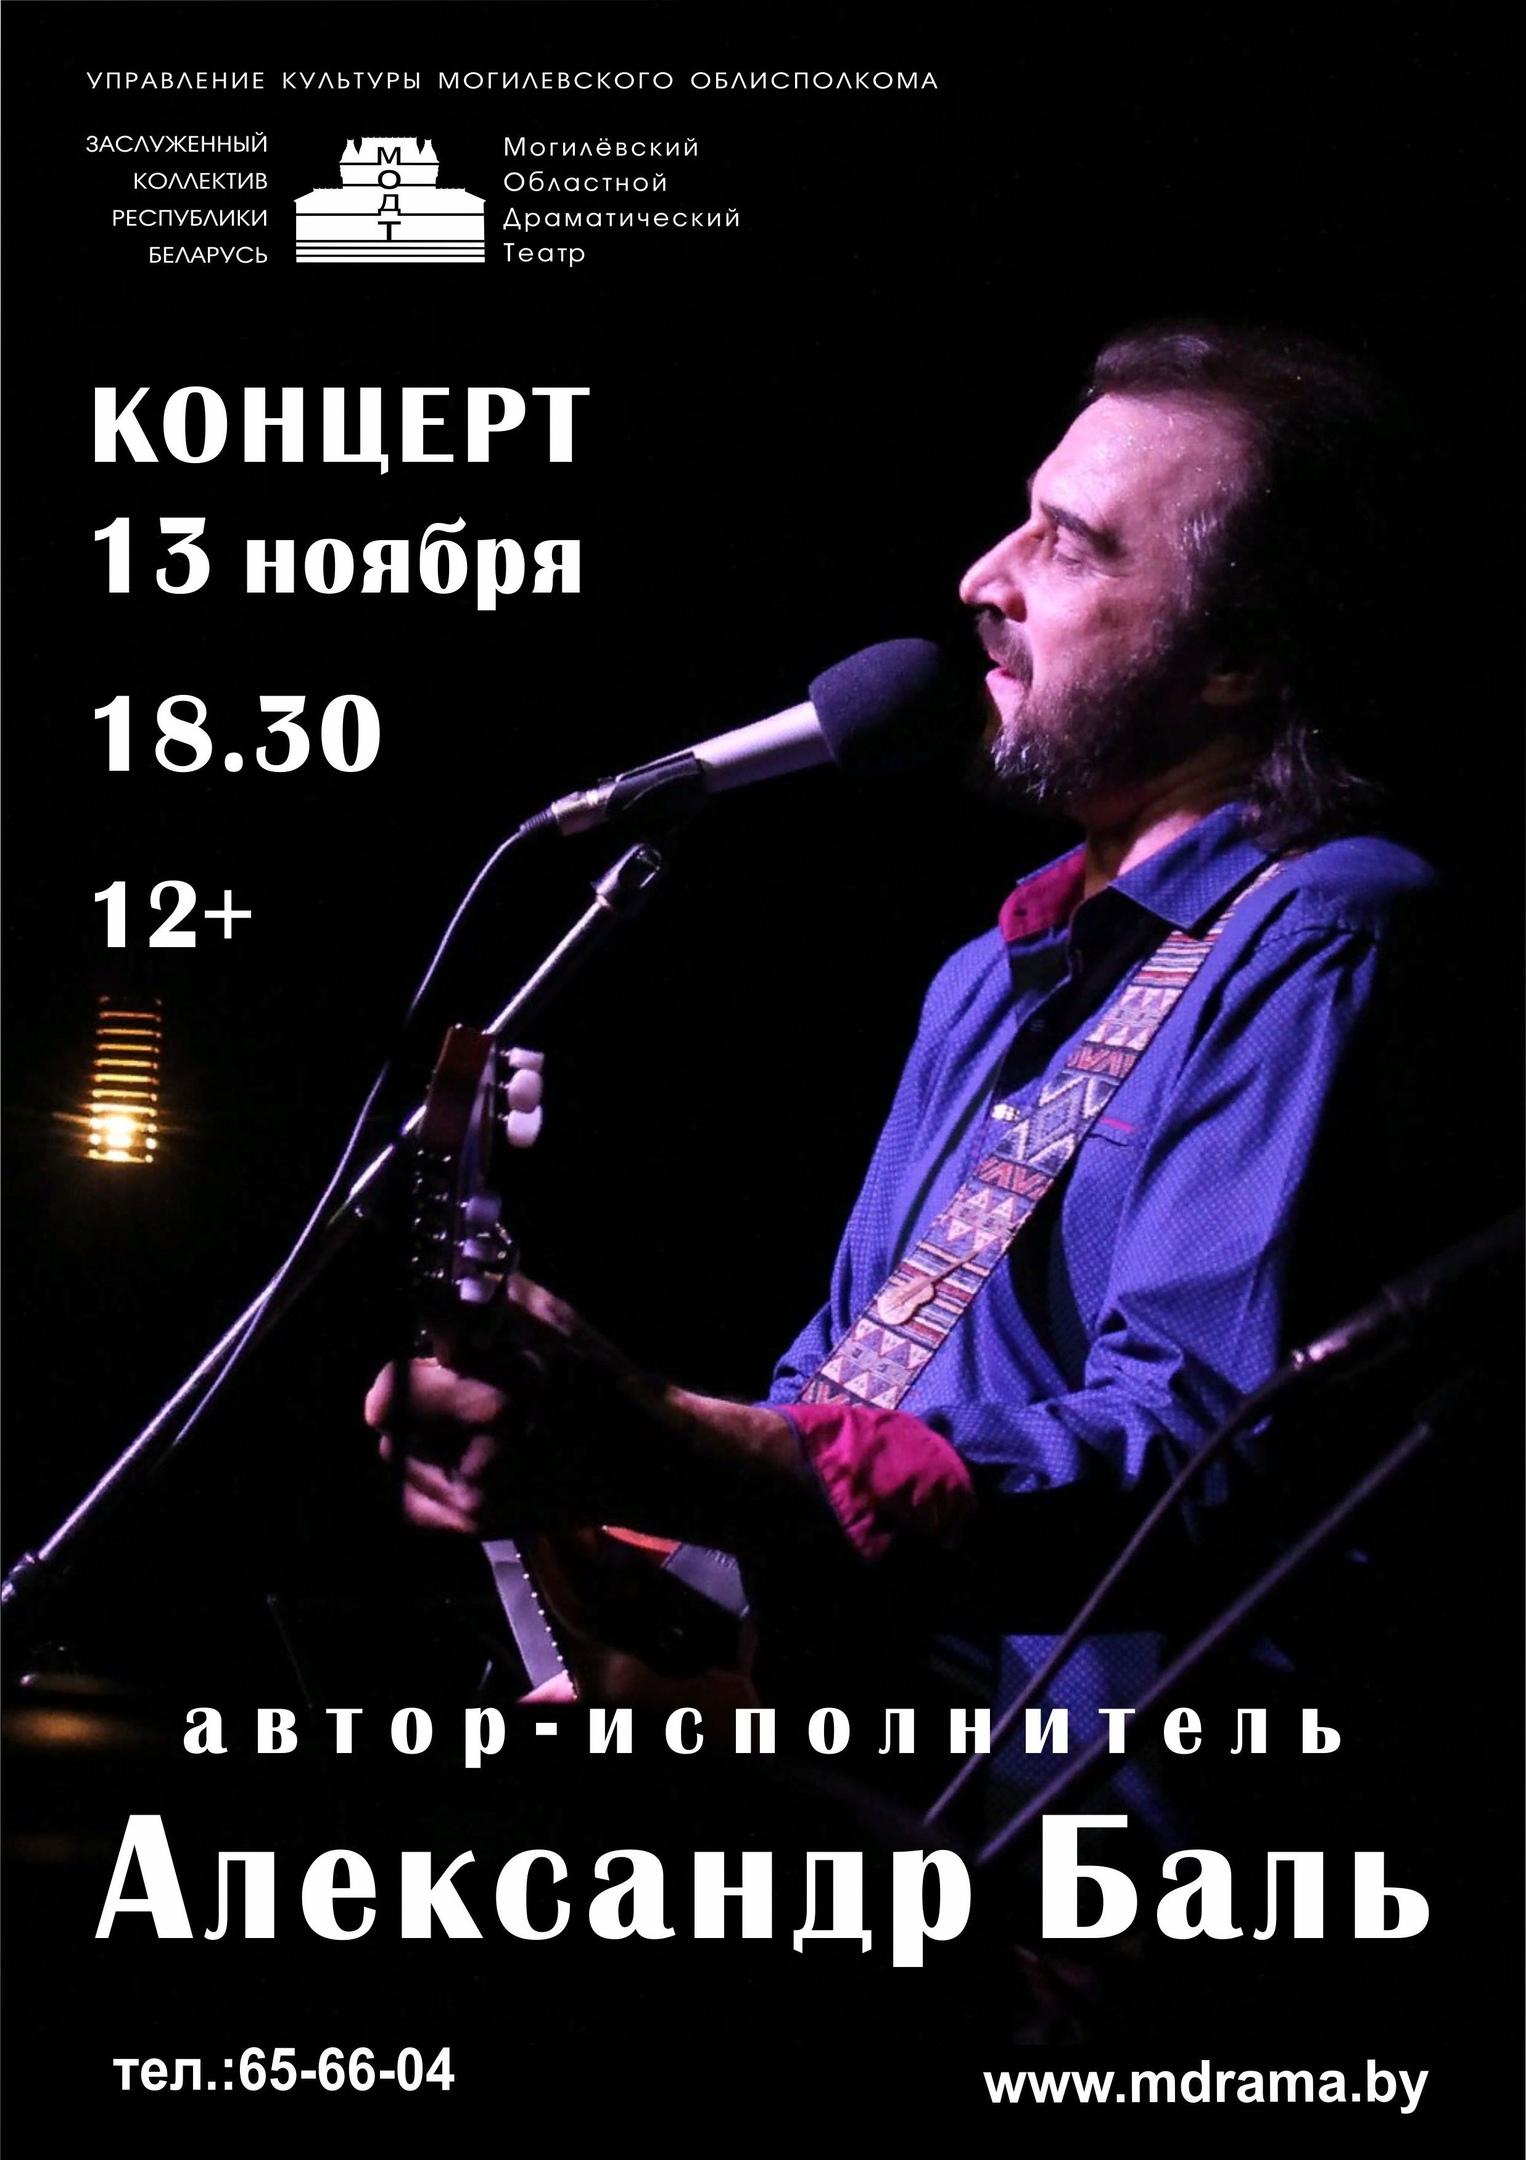 Автор-исполнитель Александр Баль выступит ссольным концертом вМогилеве 13ноября